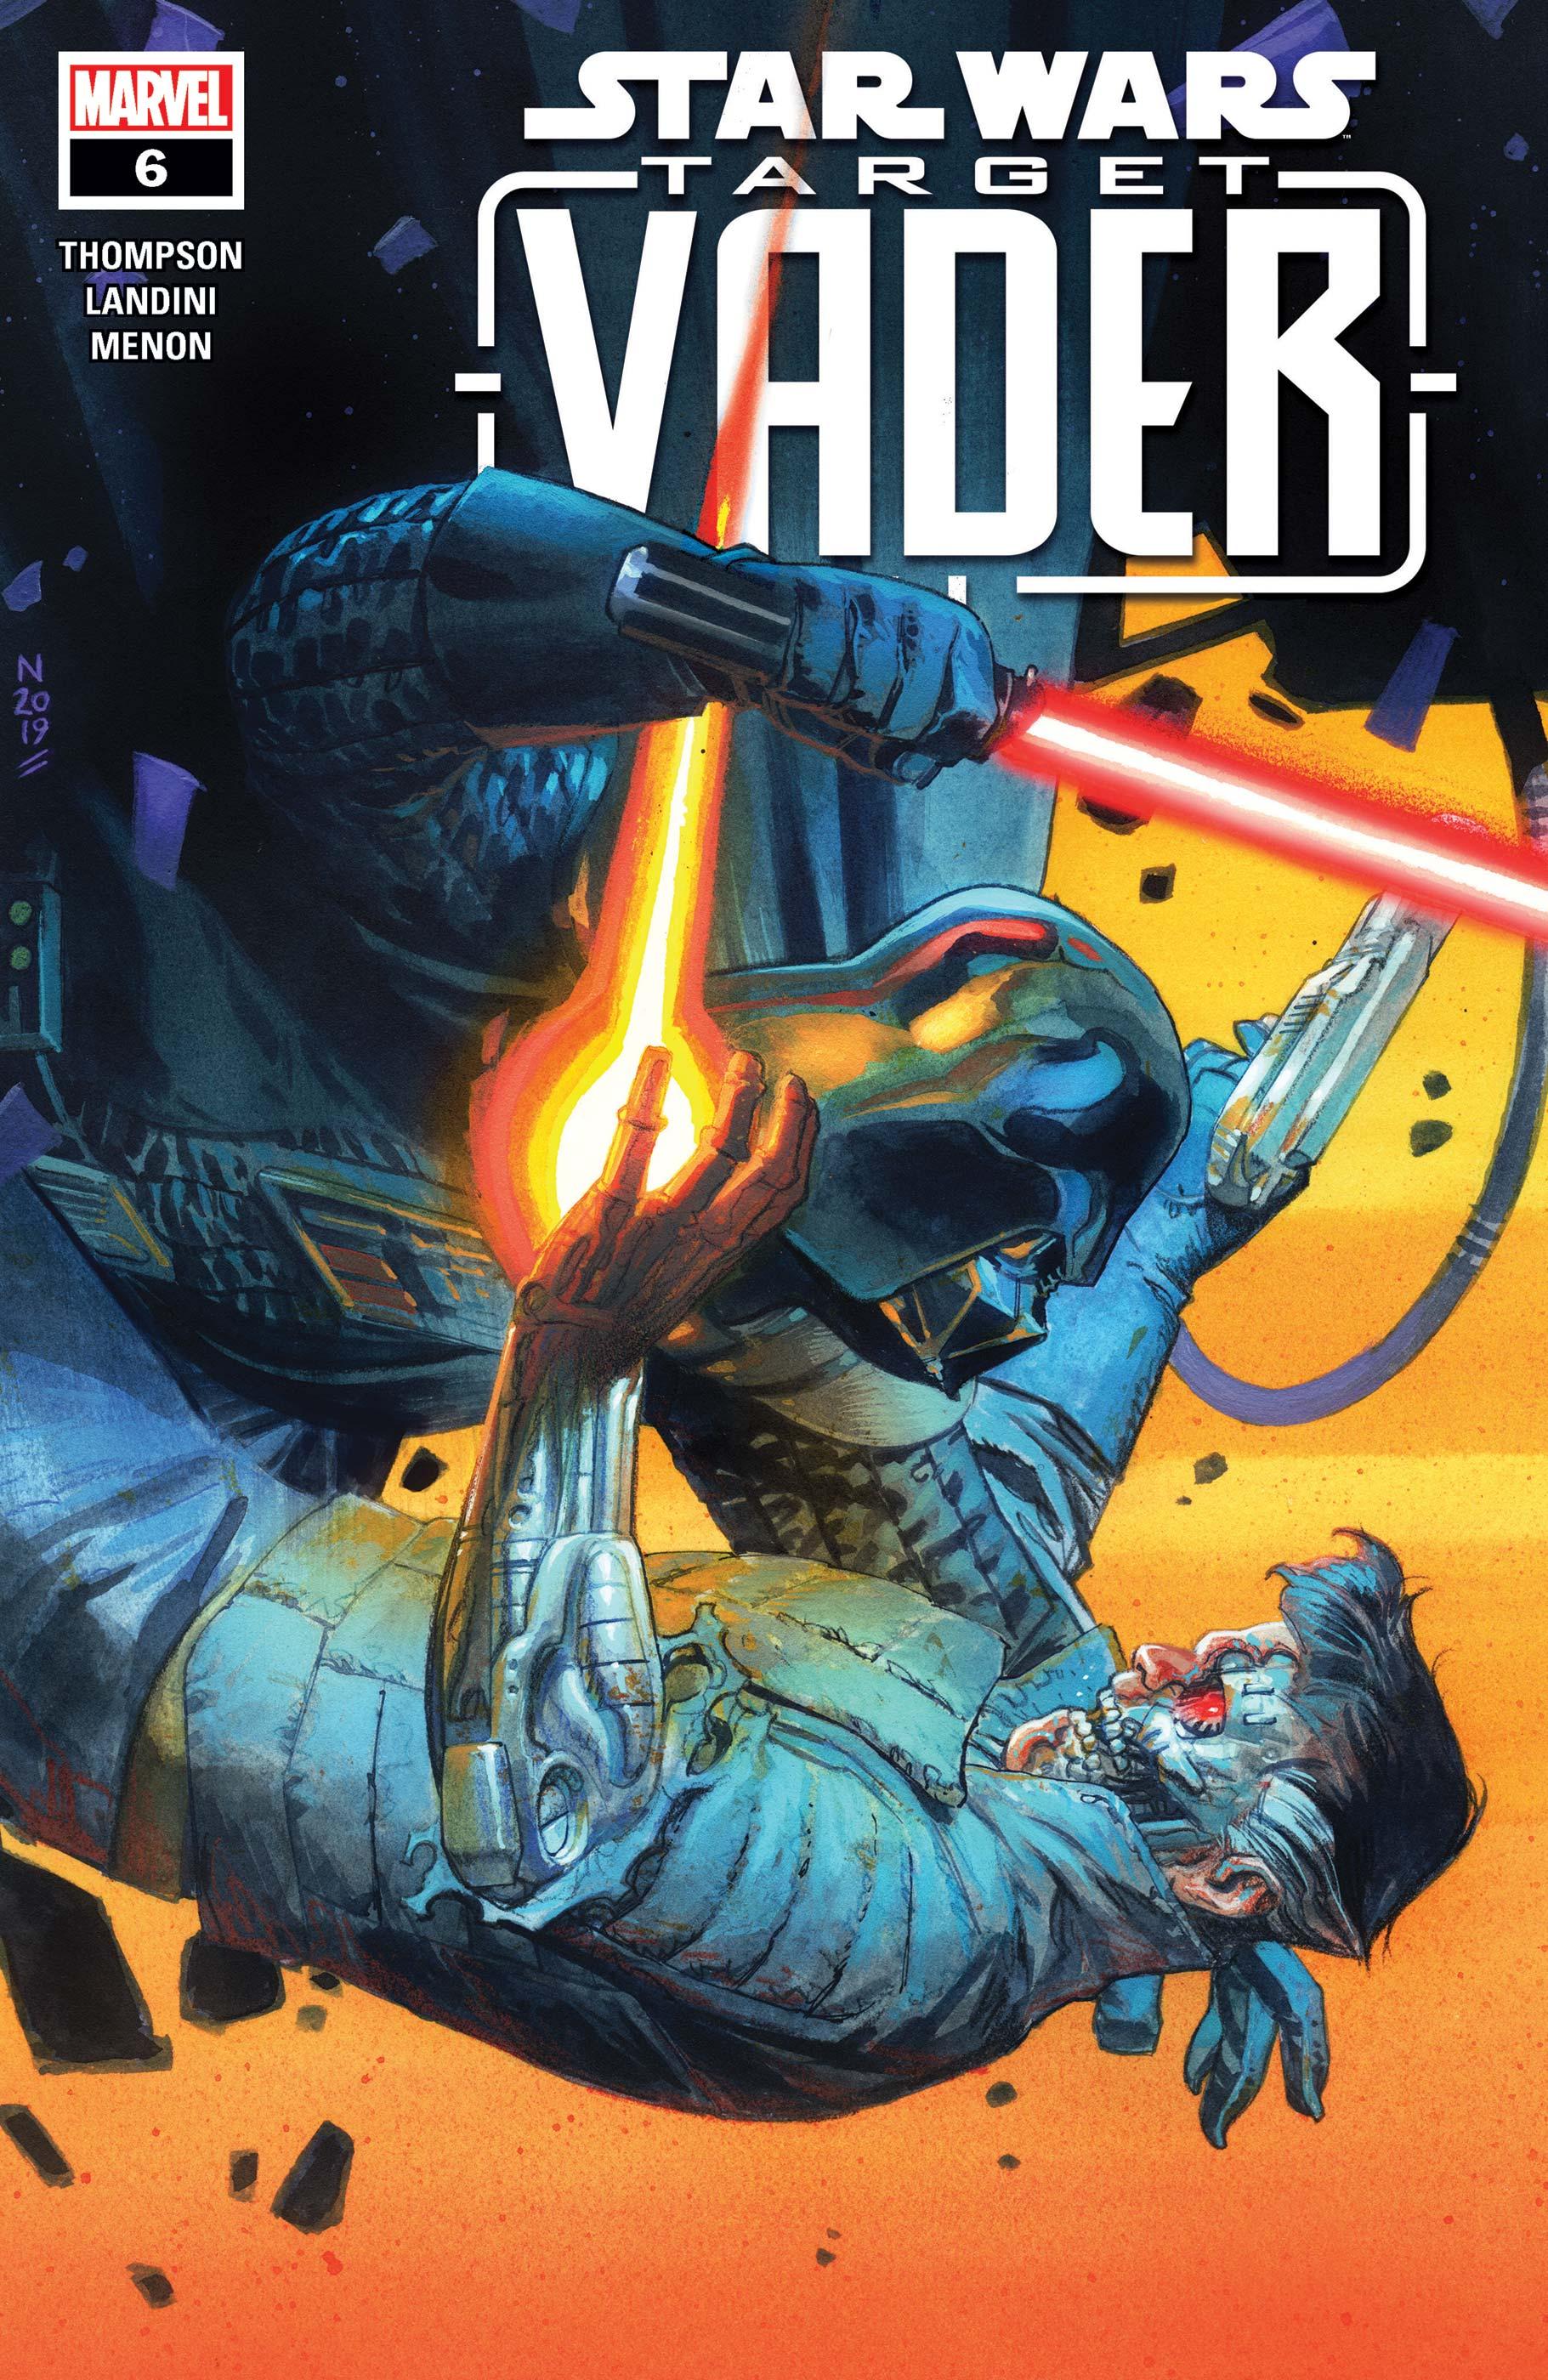 Star Wars: Target Vader (2019) #6